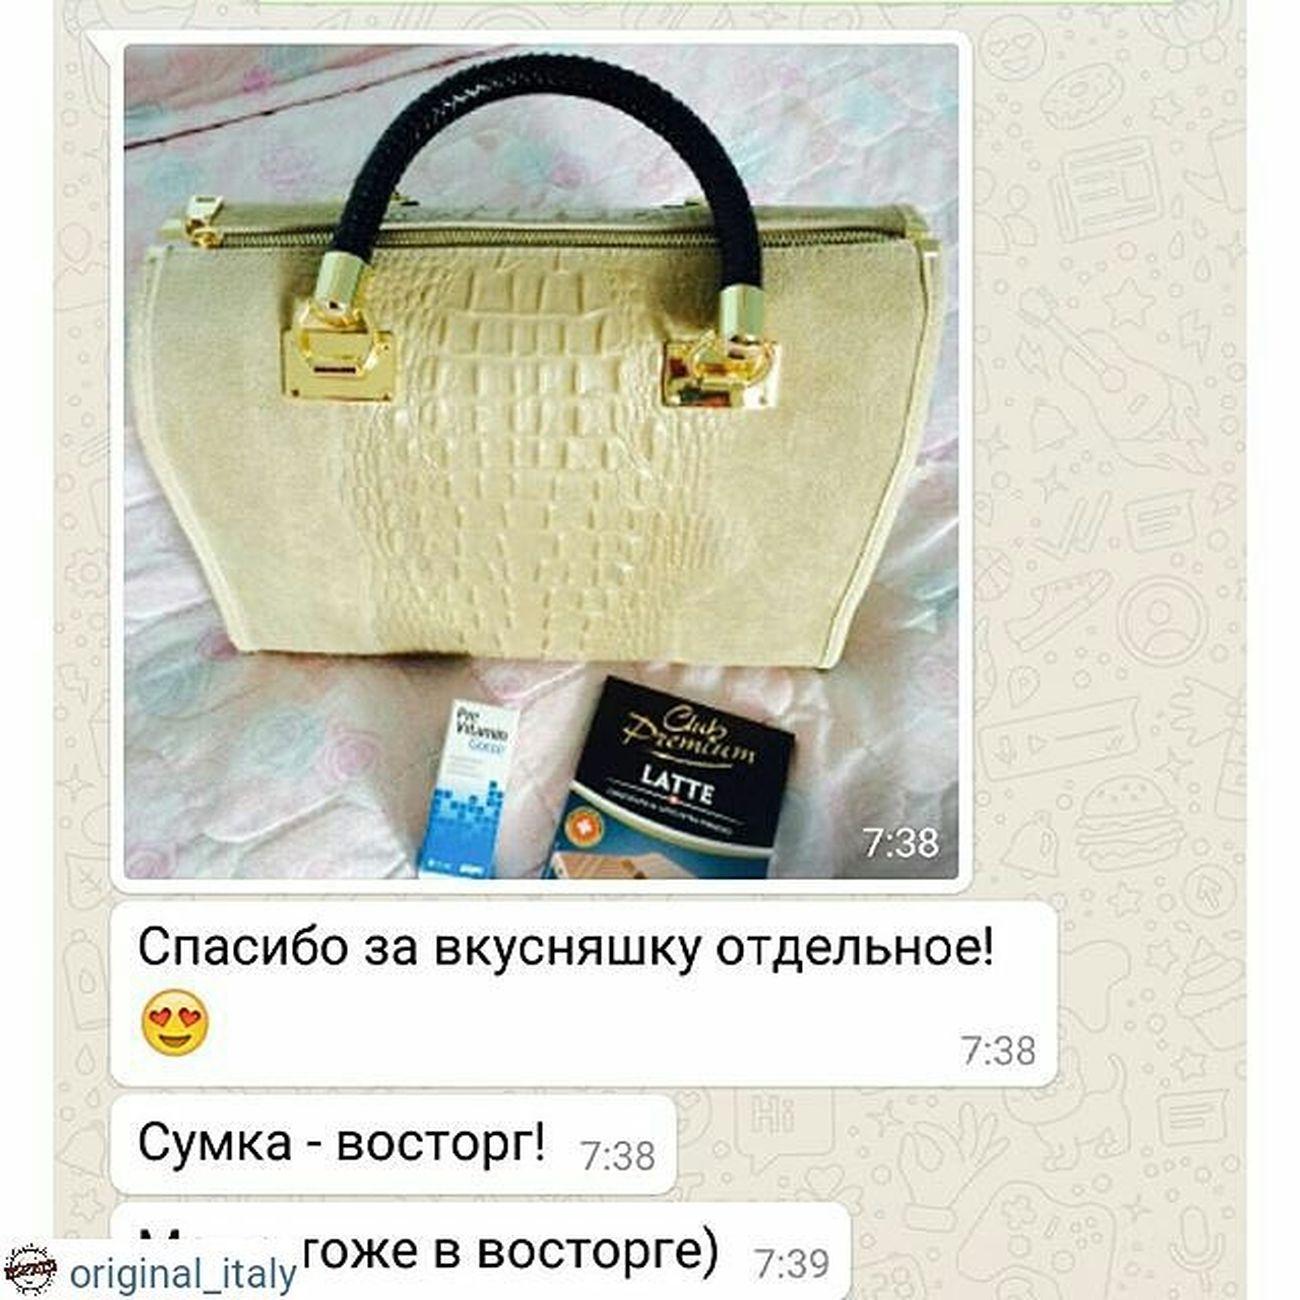 Вы найдете на @original_italy Сумочка долетела в Казахстан всего за 5 дней! люблюсвоихклиентов моиклиентысамыелучшие Спасибо за Ваши отзывы и теплые слова!